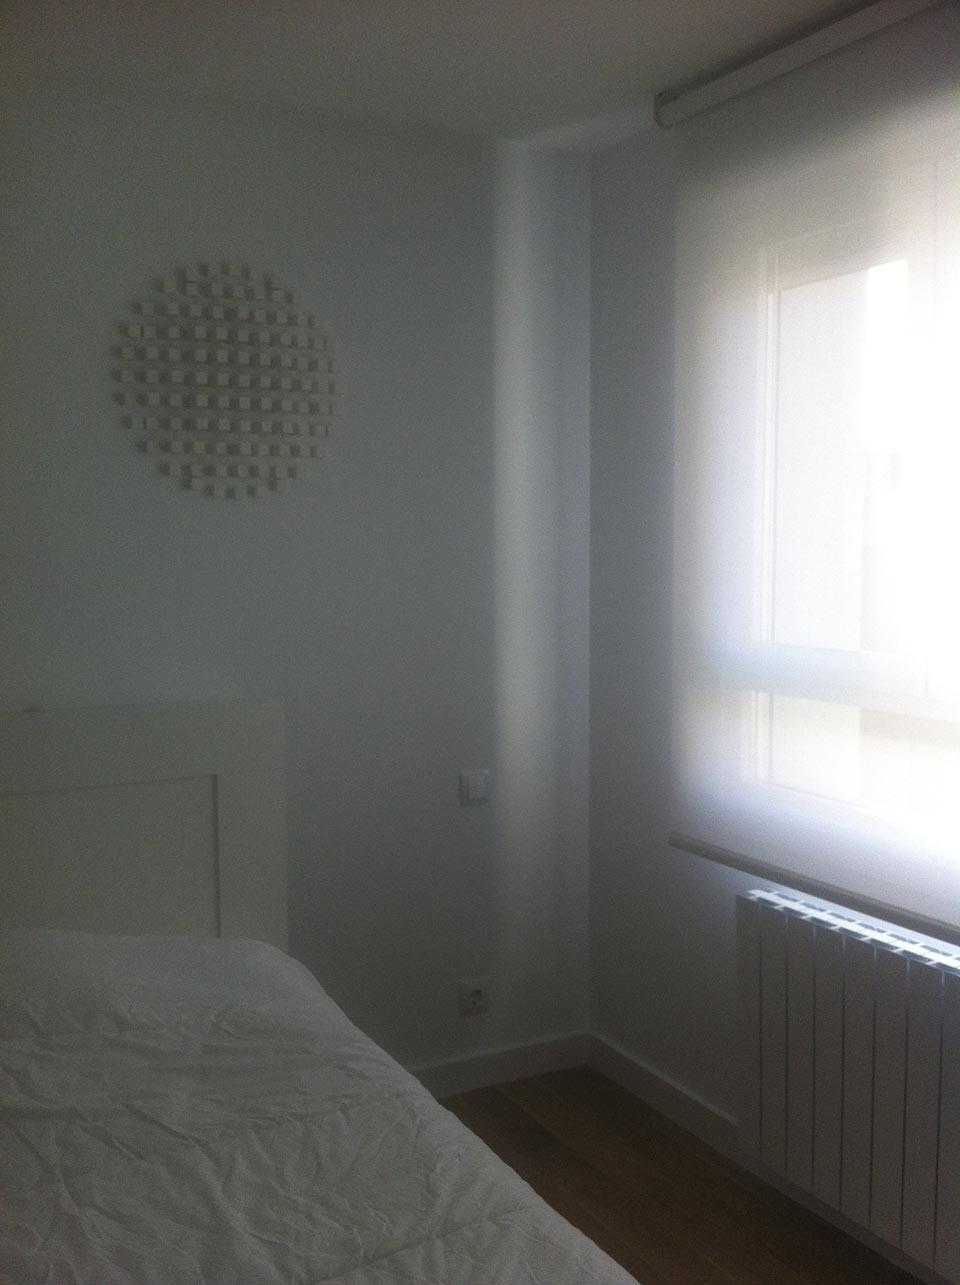 Interiorismo-vivienda-3-esti-sanz